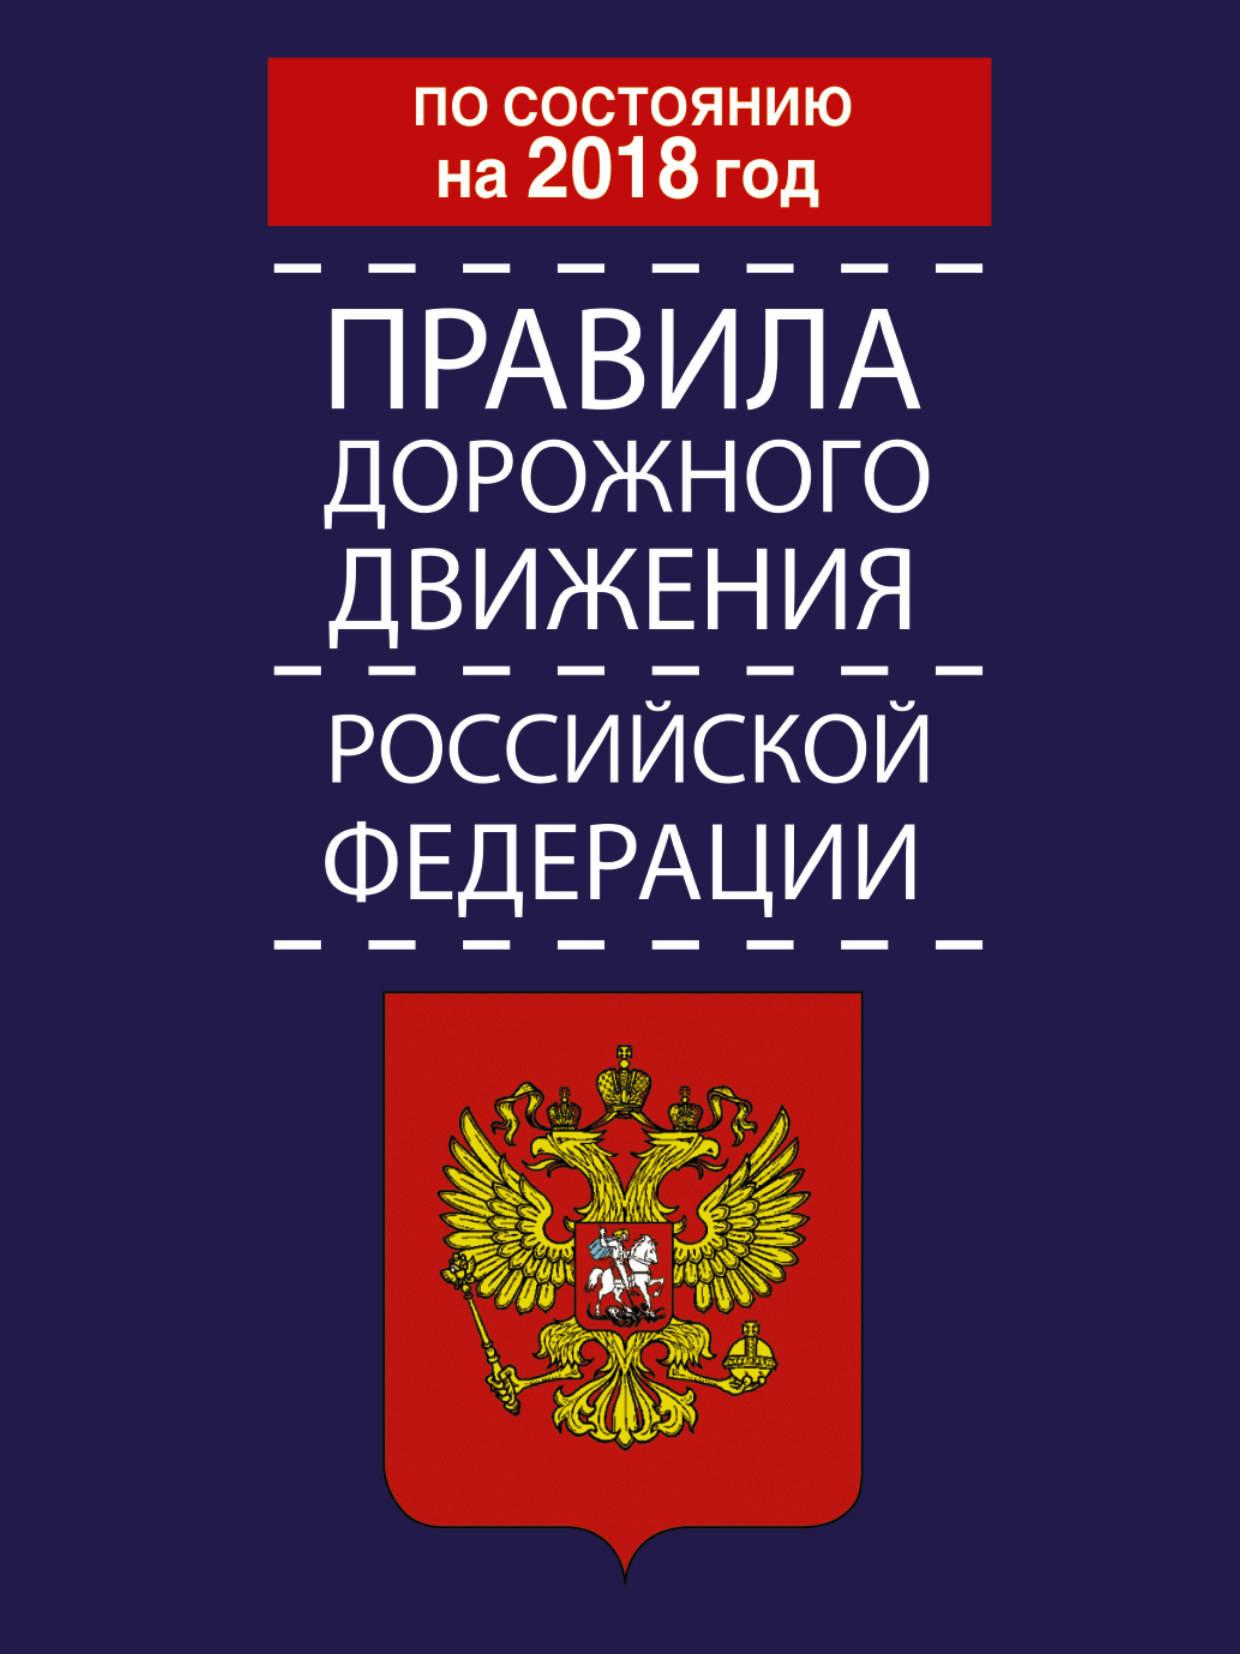 Правила дорожного движения Российской Федерации по состоянию на 2018 год какую машину начинающему водителю недорого